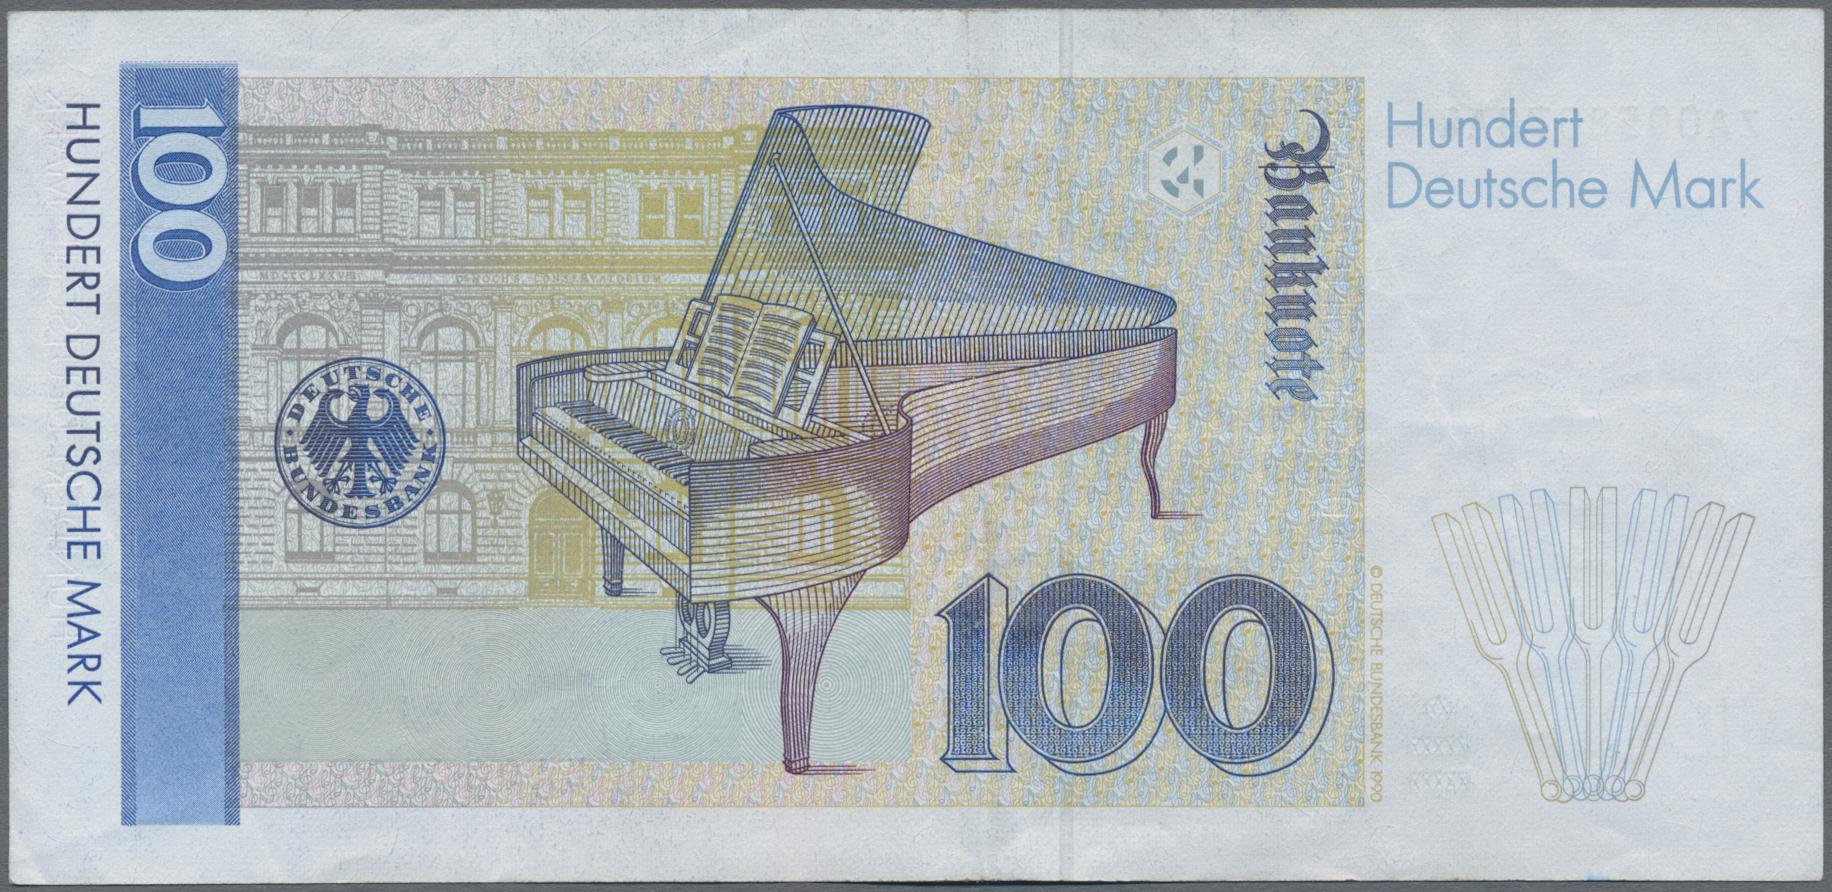 Lot 03445 - Deutschland - Bank Deutscher Länder + Bundesrepublik Deutschland | Banknoten  -  Auktionshaus Christoph Gärtner GmbH & Co. KG Sale #45 Banknotes Germany/Numismatics